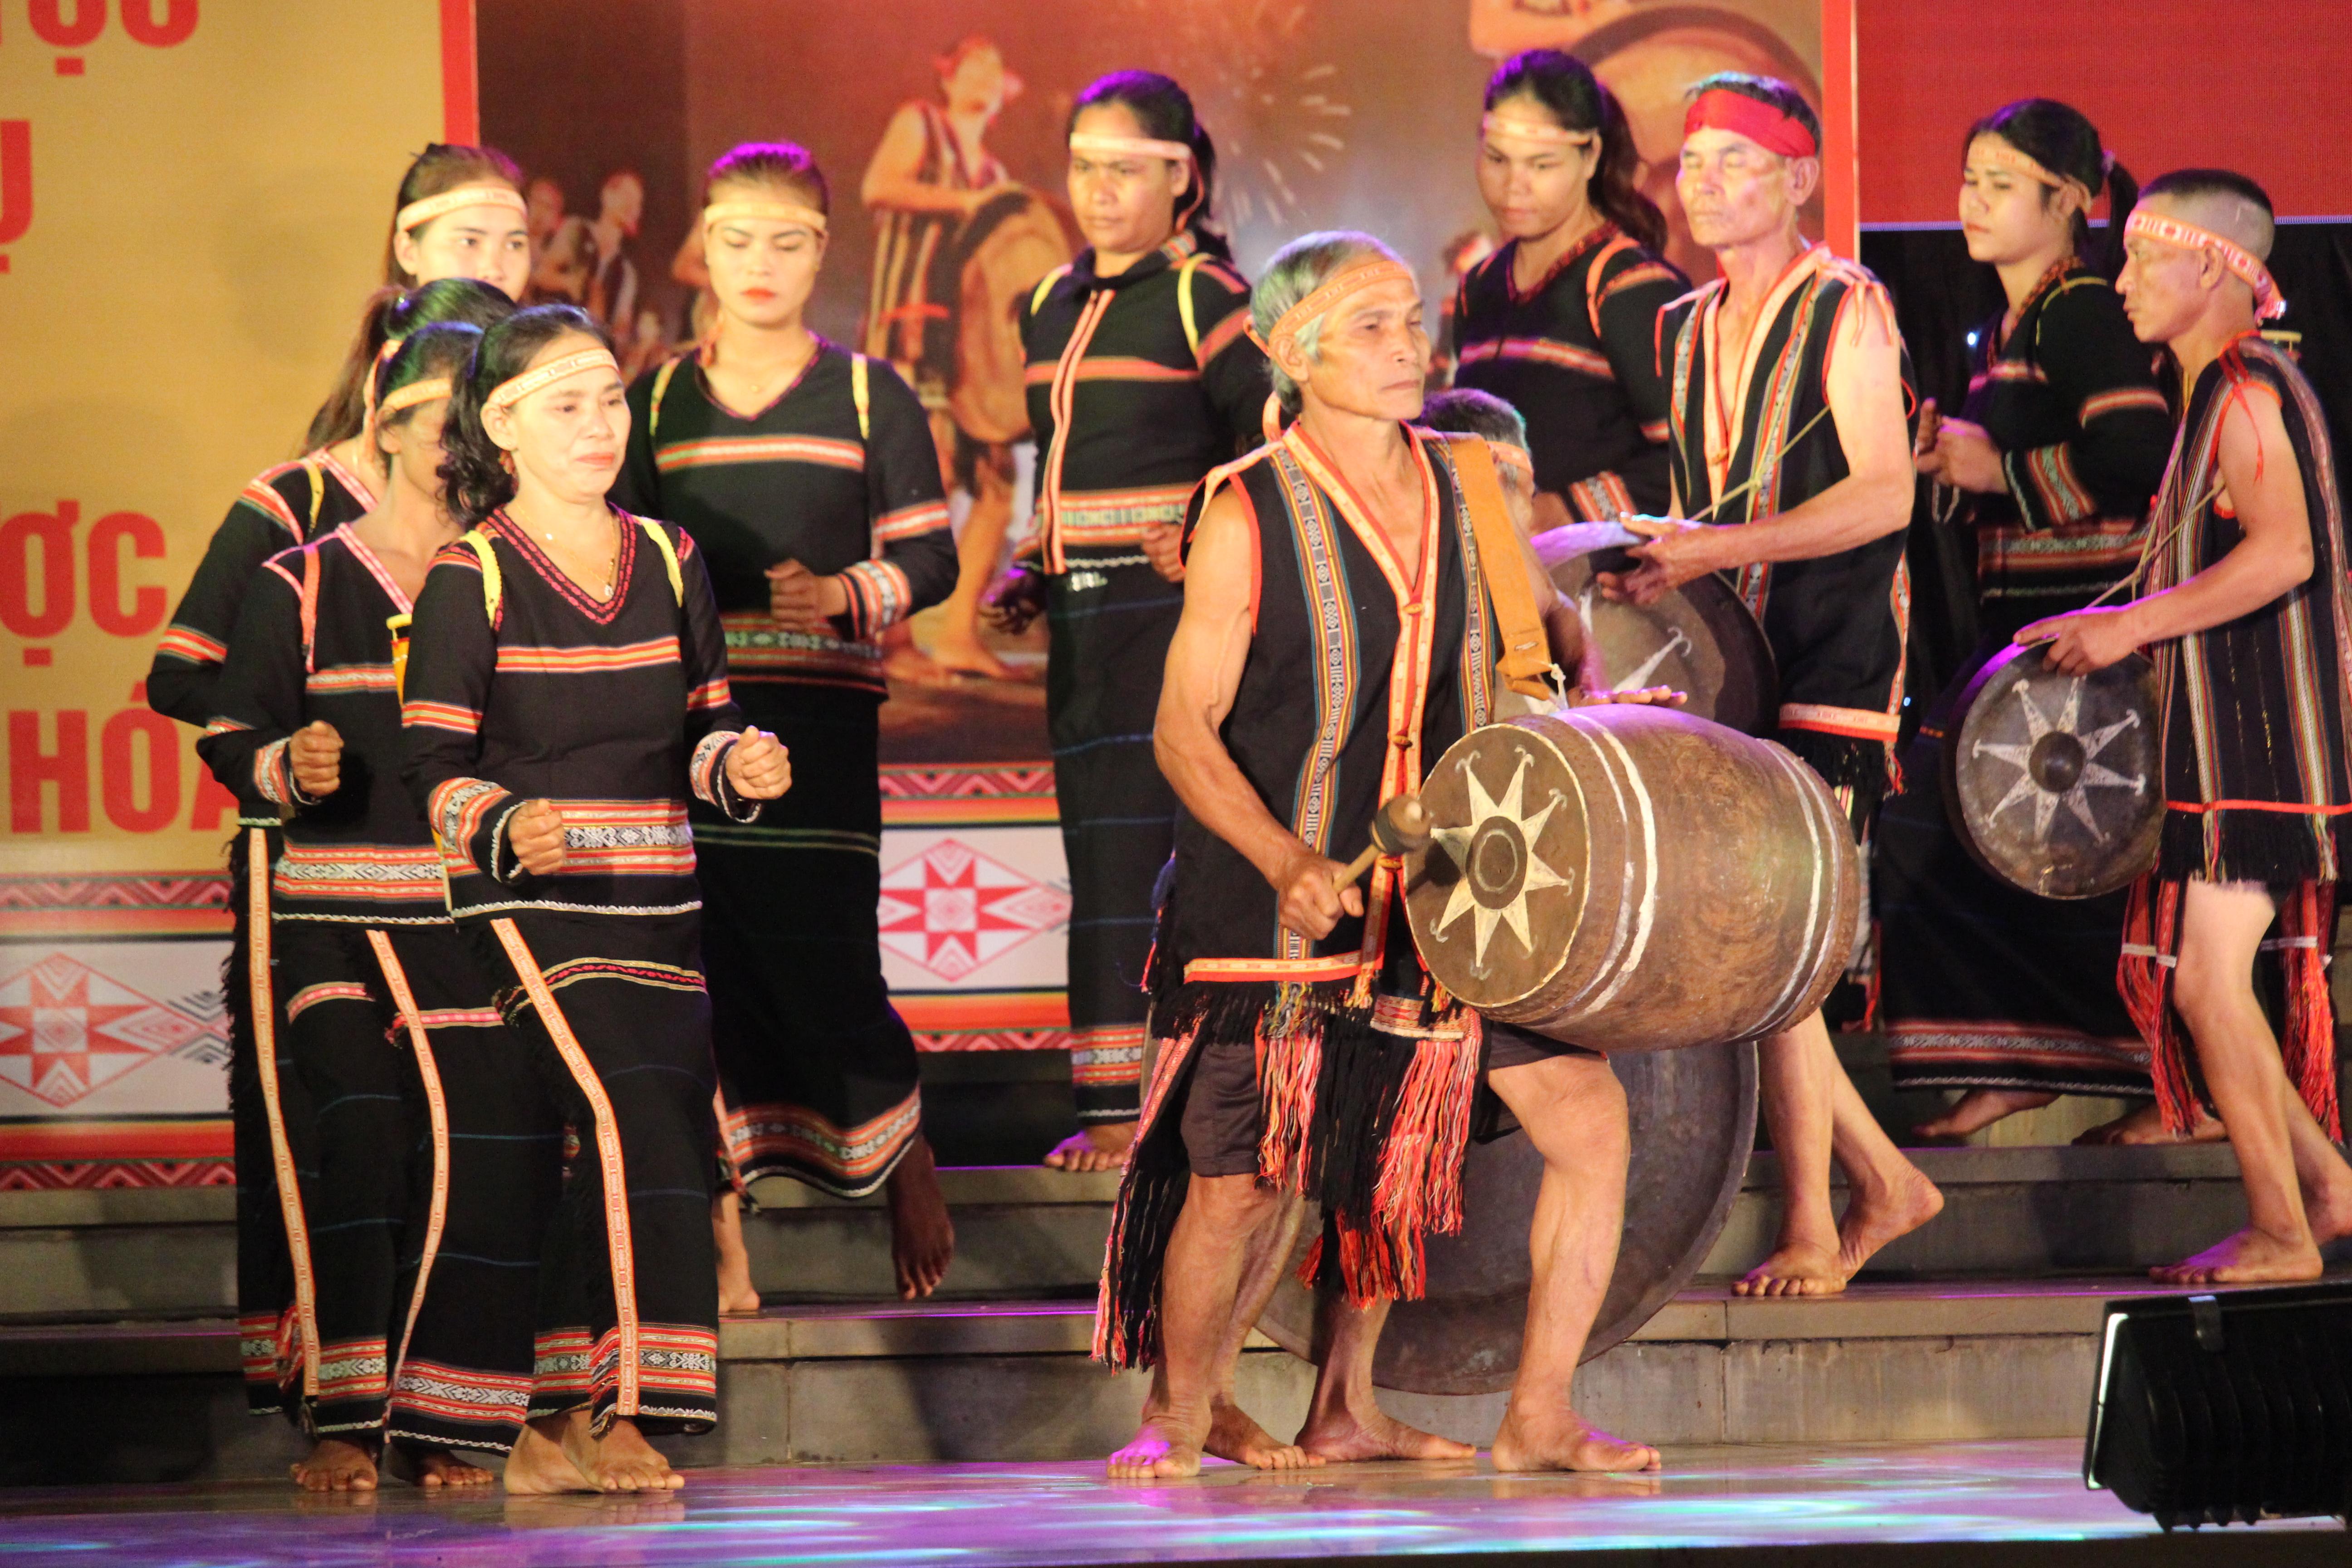 Đội chiêng của xã Glar, huyện Đăk Đoa trình diễn cồng chiêng tại Lễ Kỷ niệm 15 năm Ngày Không gian văn hóa cồng chiêng Tây Nguyên được UNESCO công nhận là Di sản văn hóa phi vật thể, đại diện của nhân loại (25/11/2005- 25/11/2020).